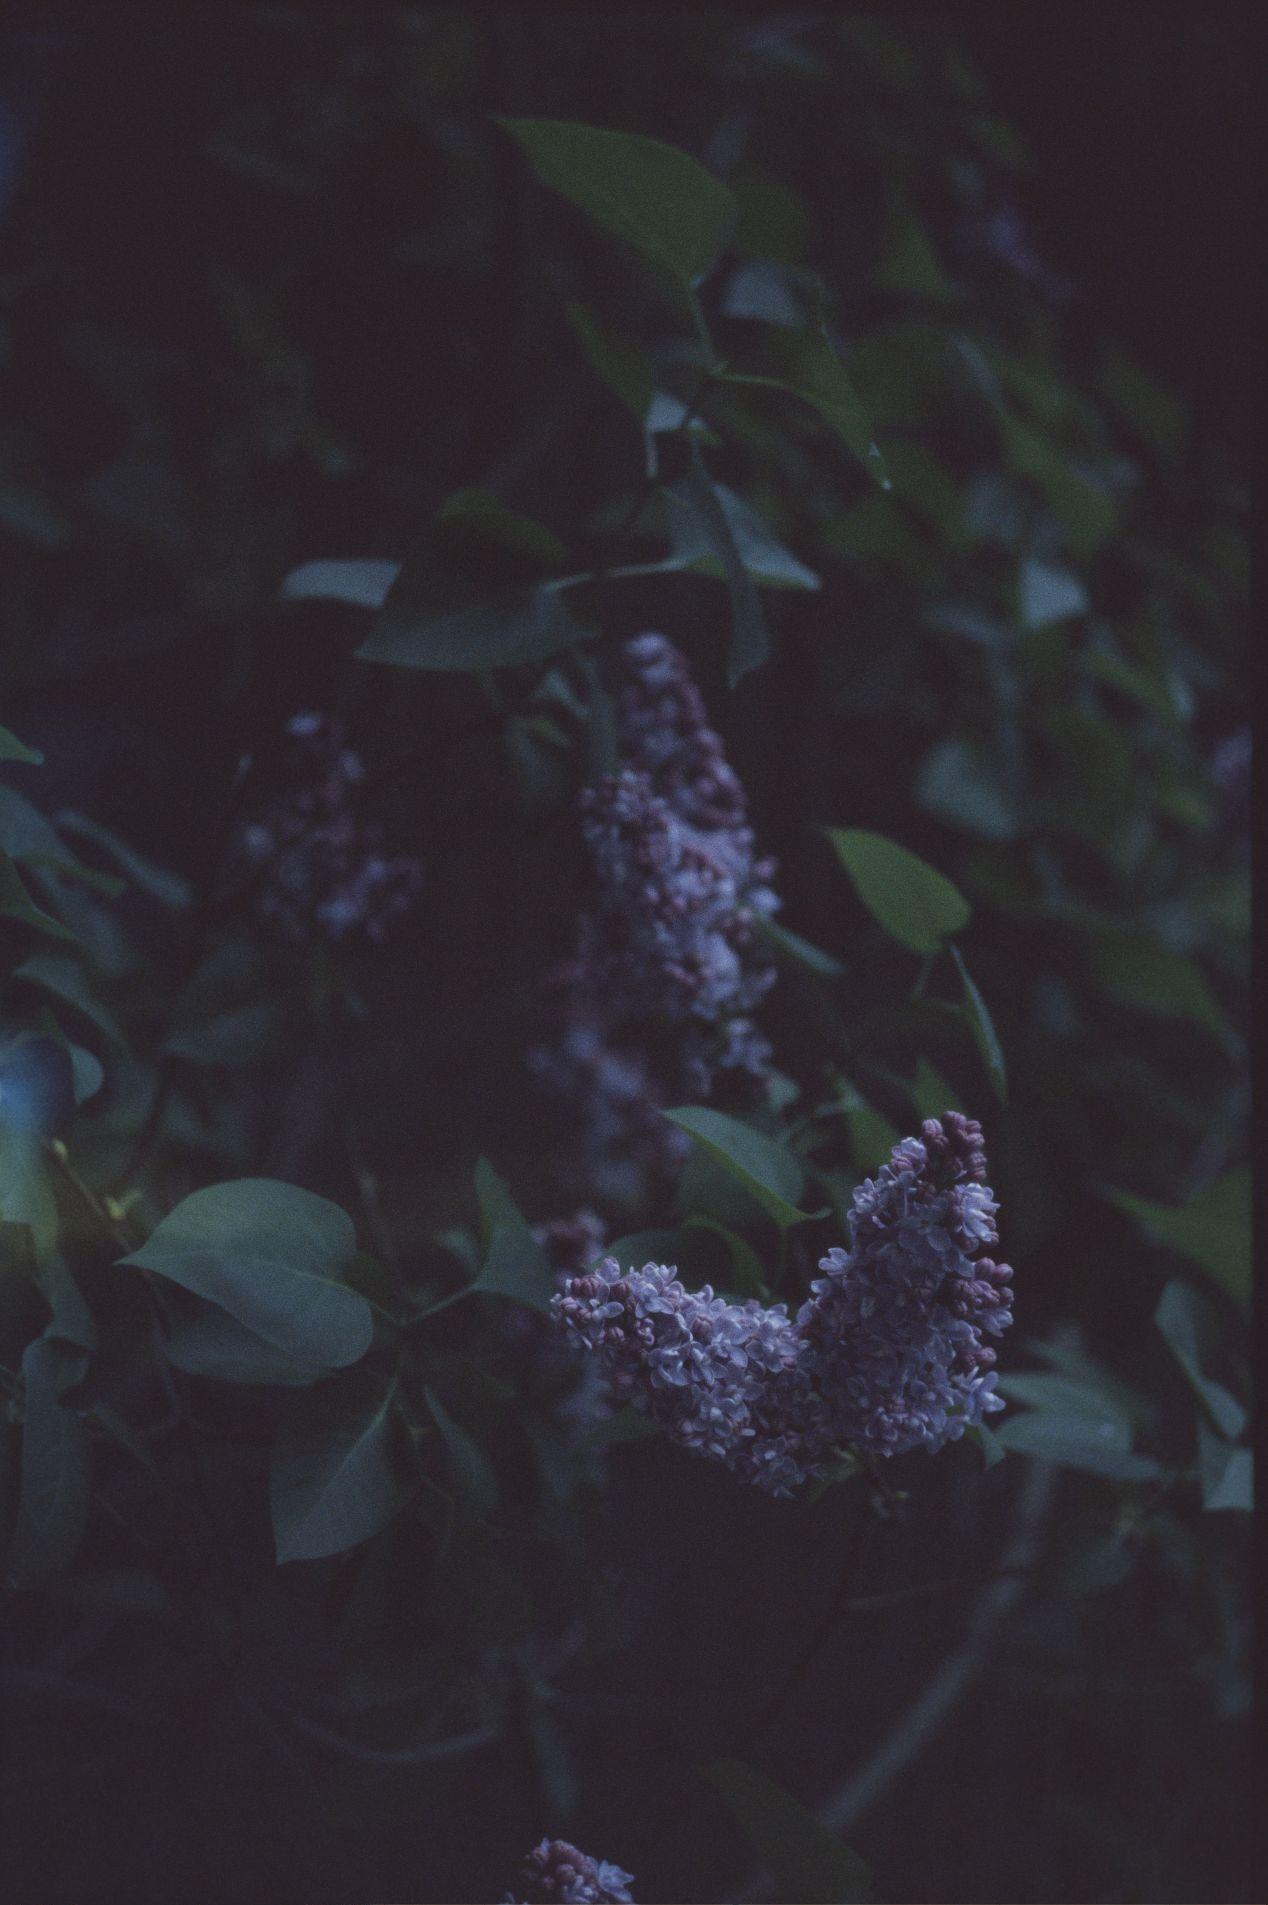 Lilacs in the dusk. Shot on Voigtländer Vitessa A.